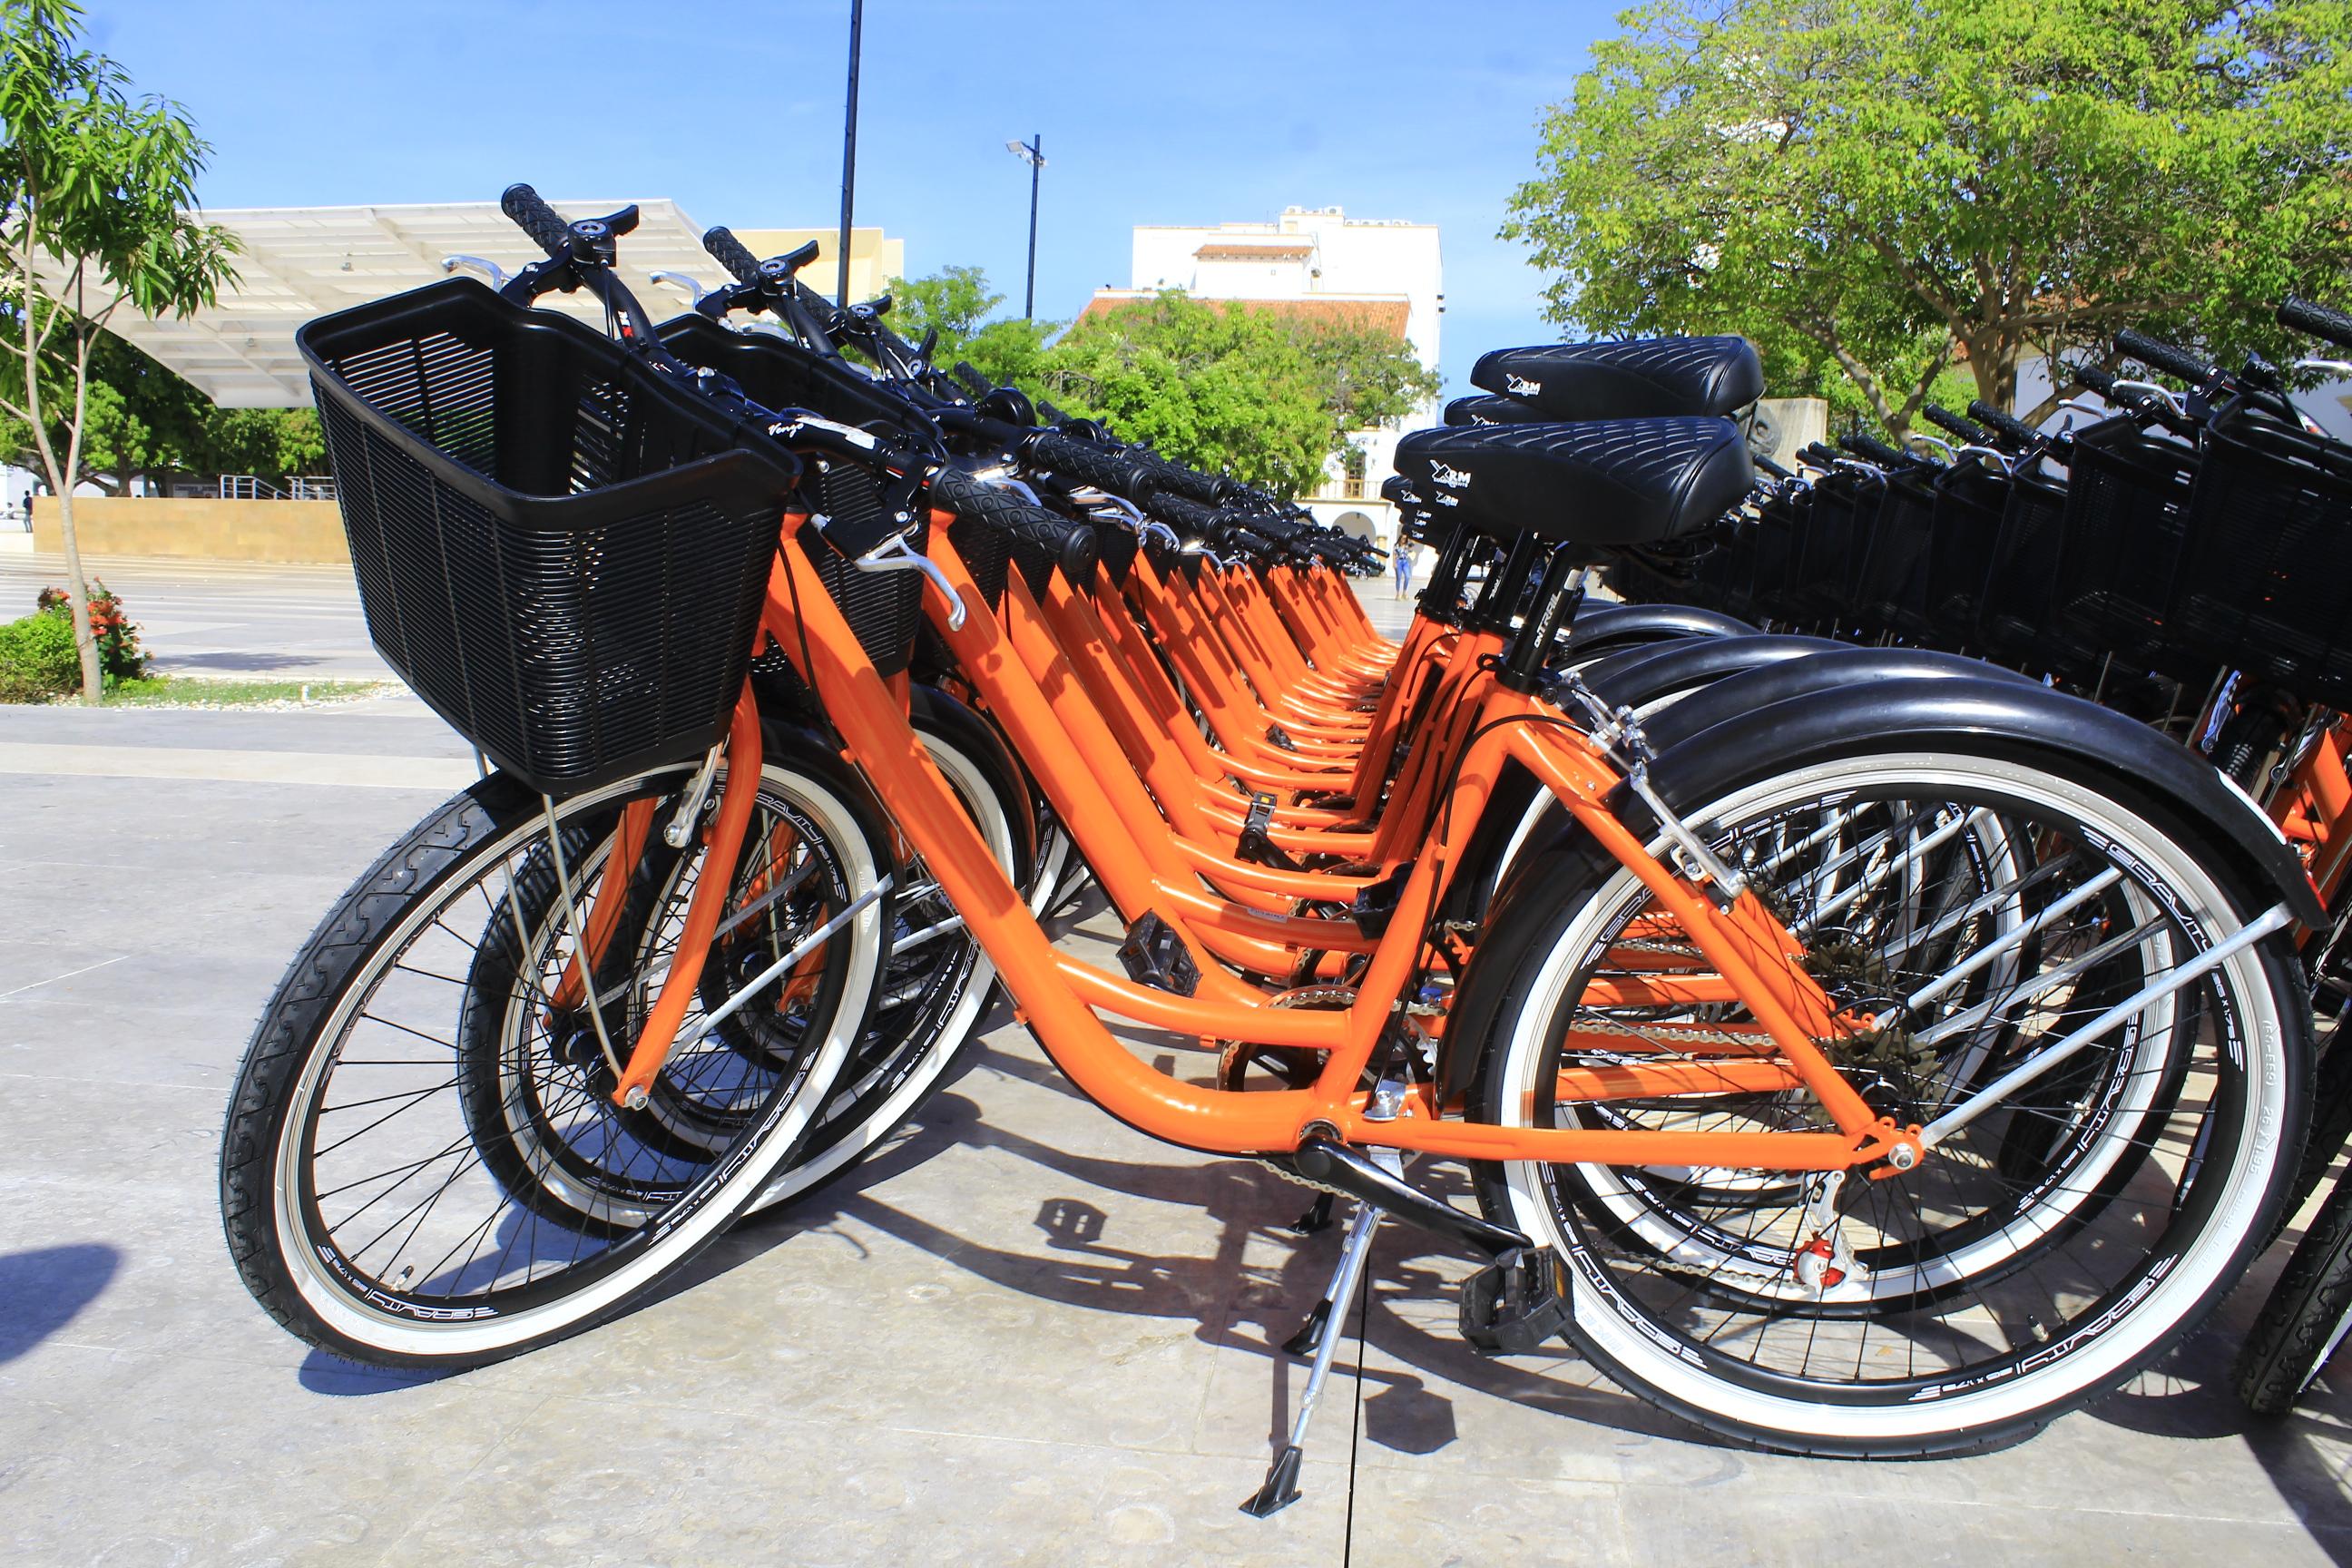 De lunes a viernes de 7:00 a.m., a 7:00 p.m., los vallenatos podrán usar bicicletas públicas.  FOTO/ JOAQUÍN RAMÍREZ.